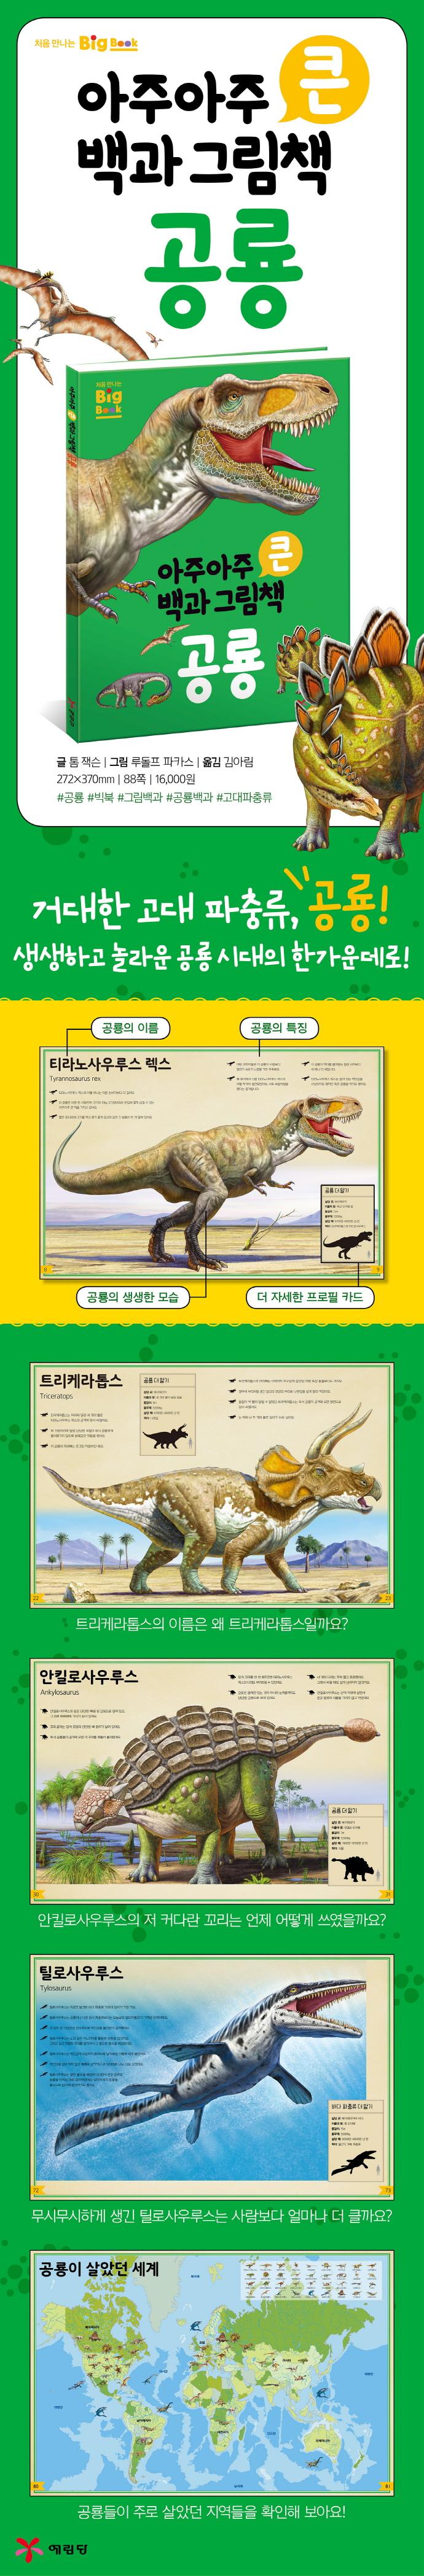 아주아주 큰 백과 그림책 공룡(양장본 HardCover) 도서 상세이미지